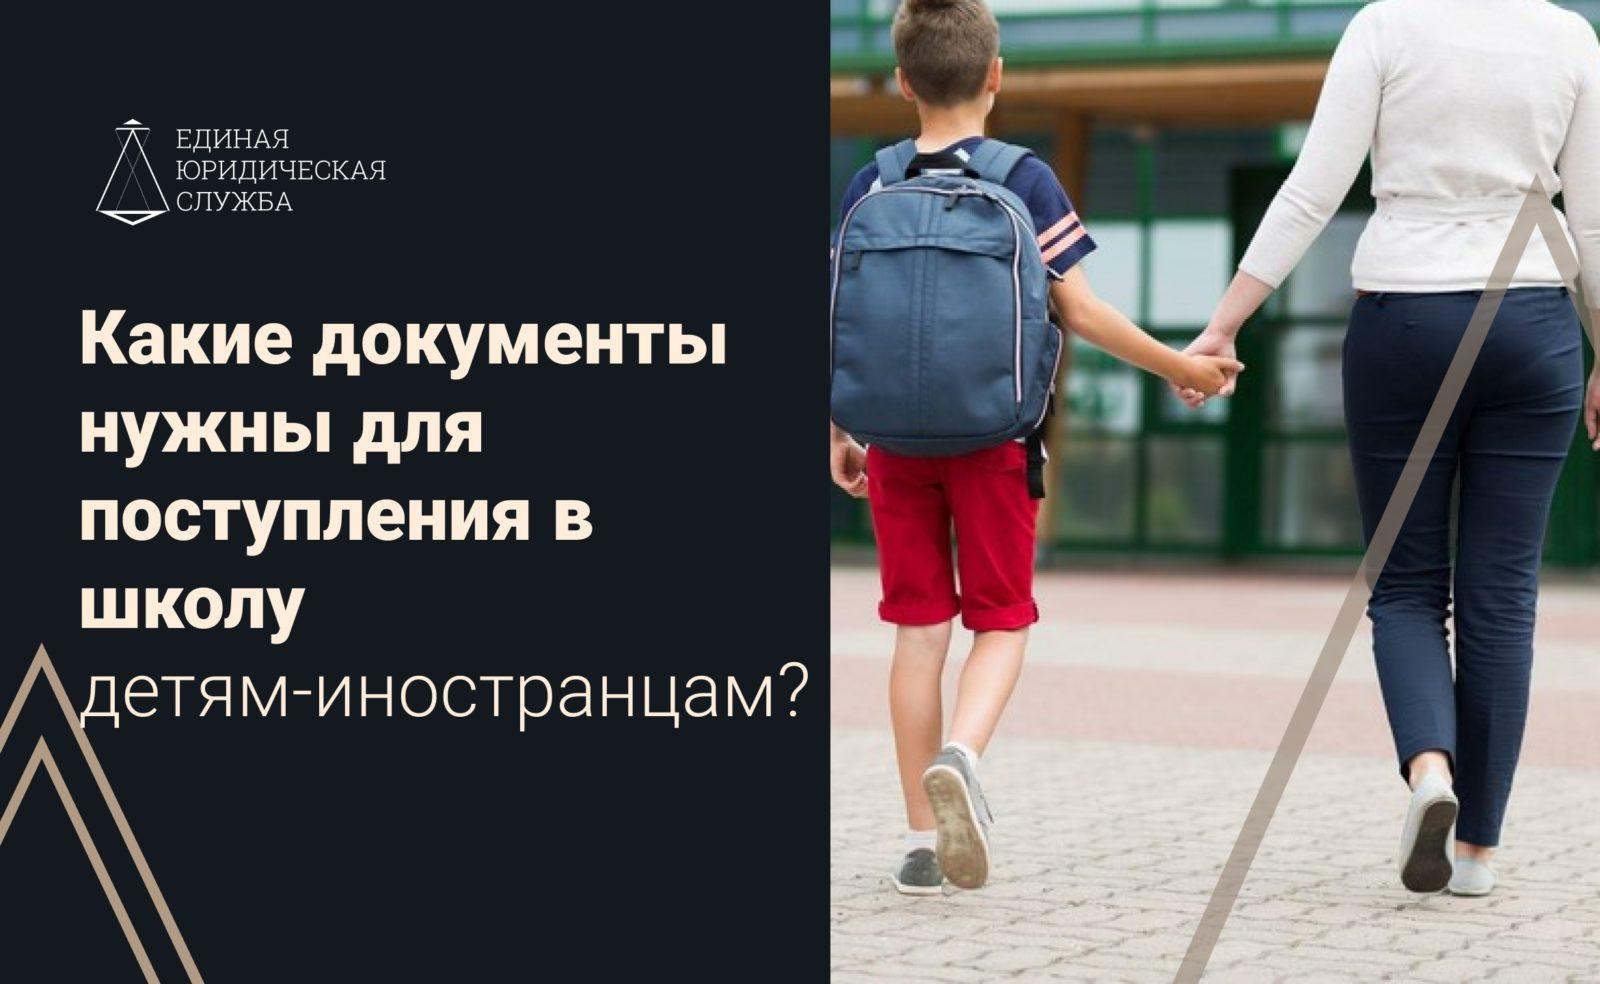 Какие документы нужны для поступления в школу детям-иностранцам?